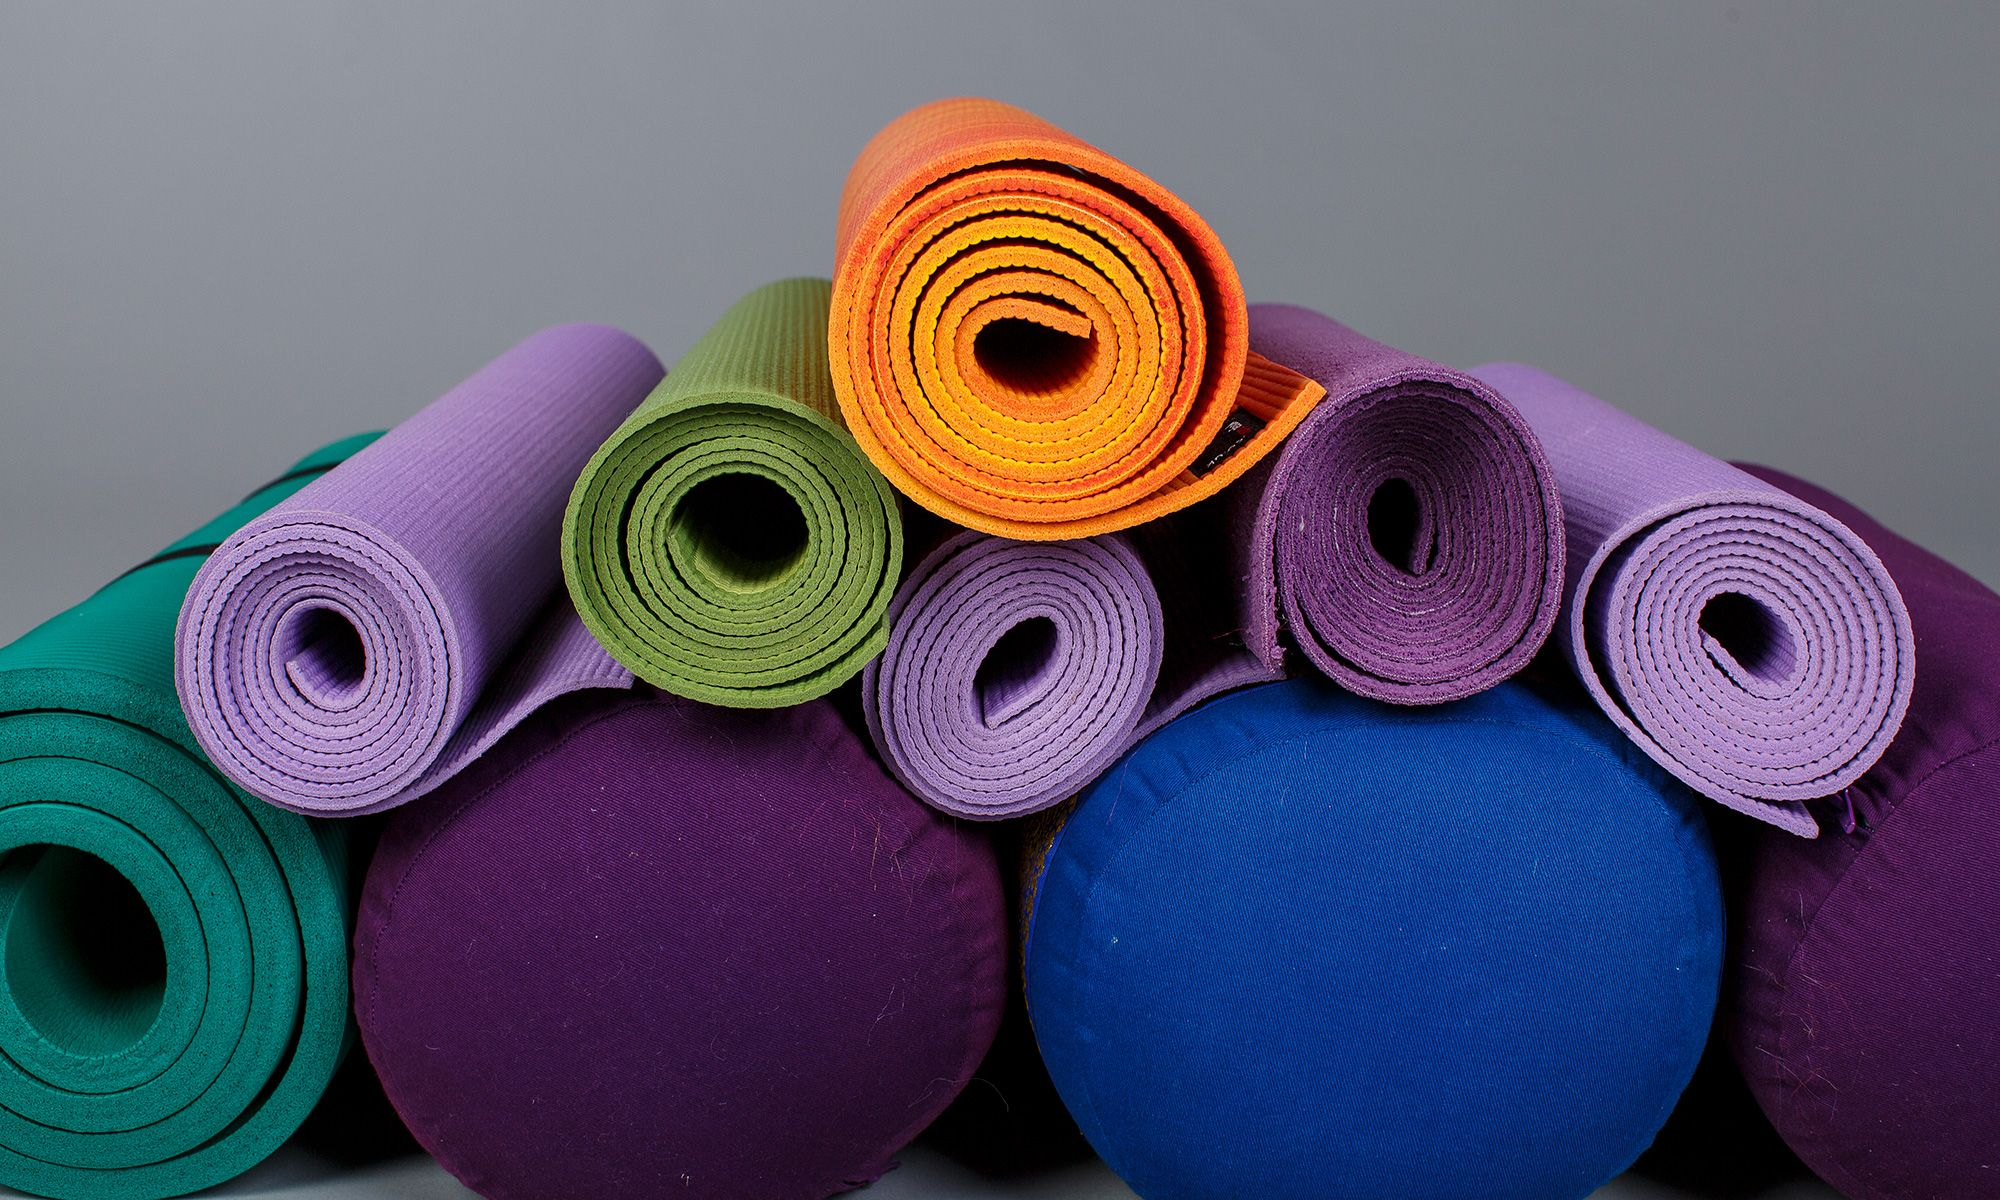 Zoga Yoga - Yoga mats